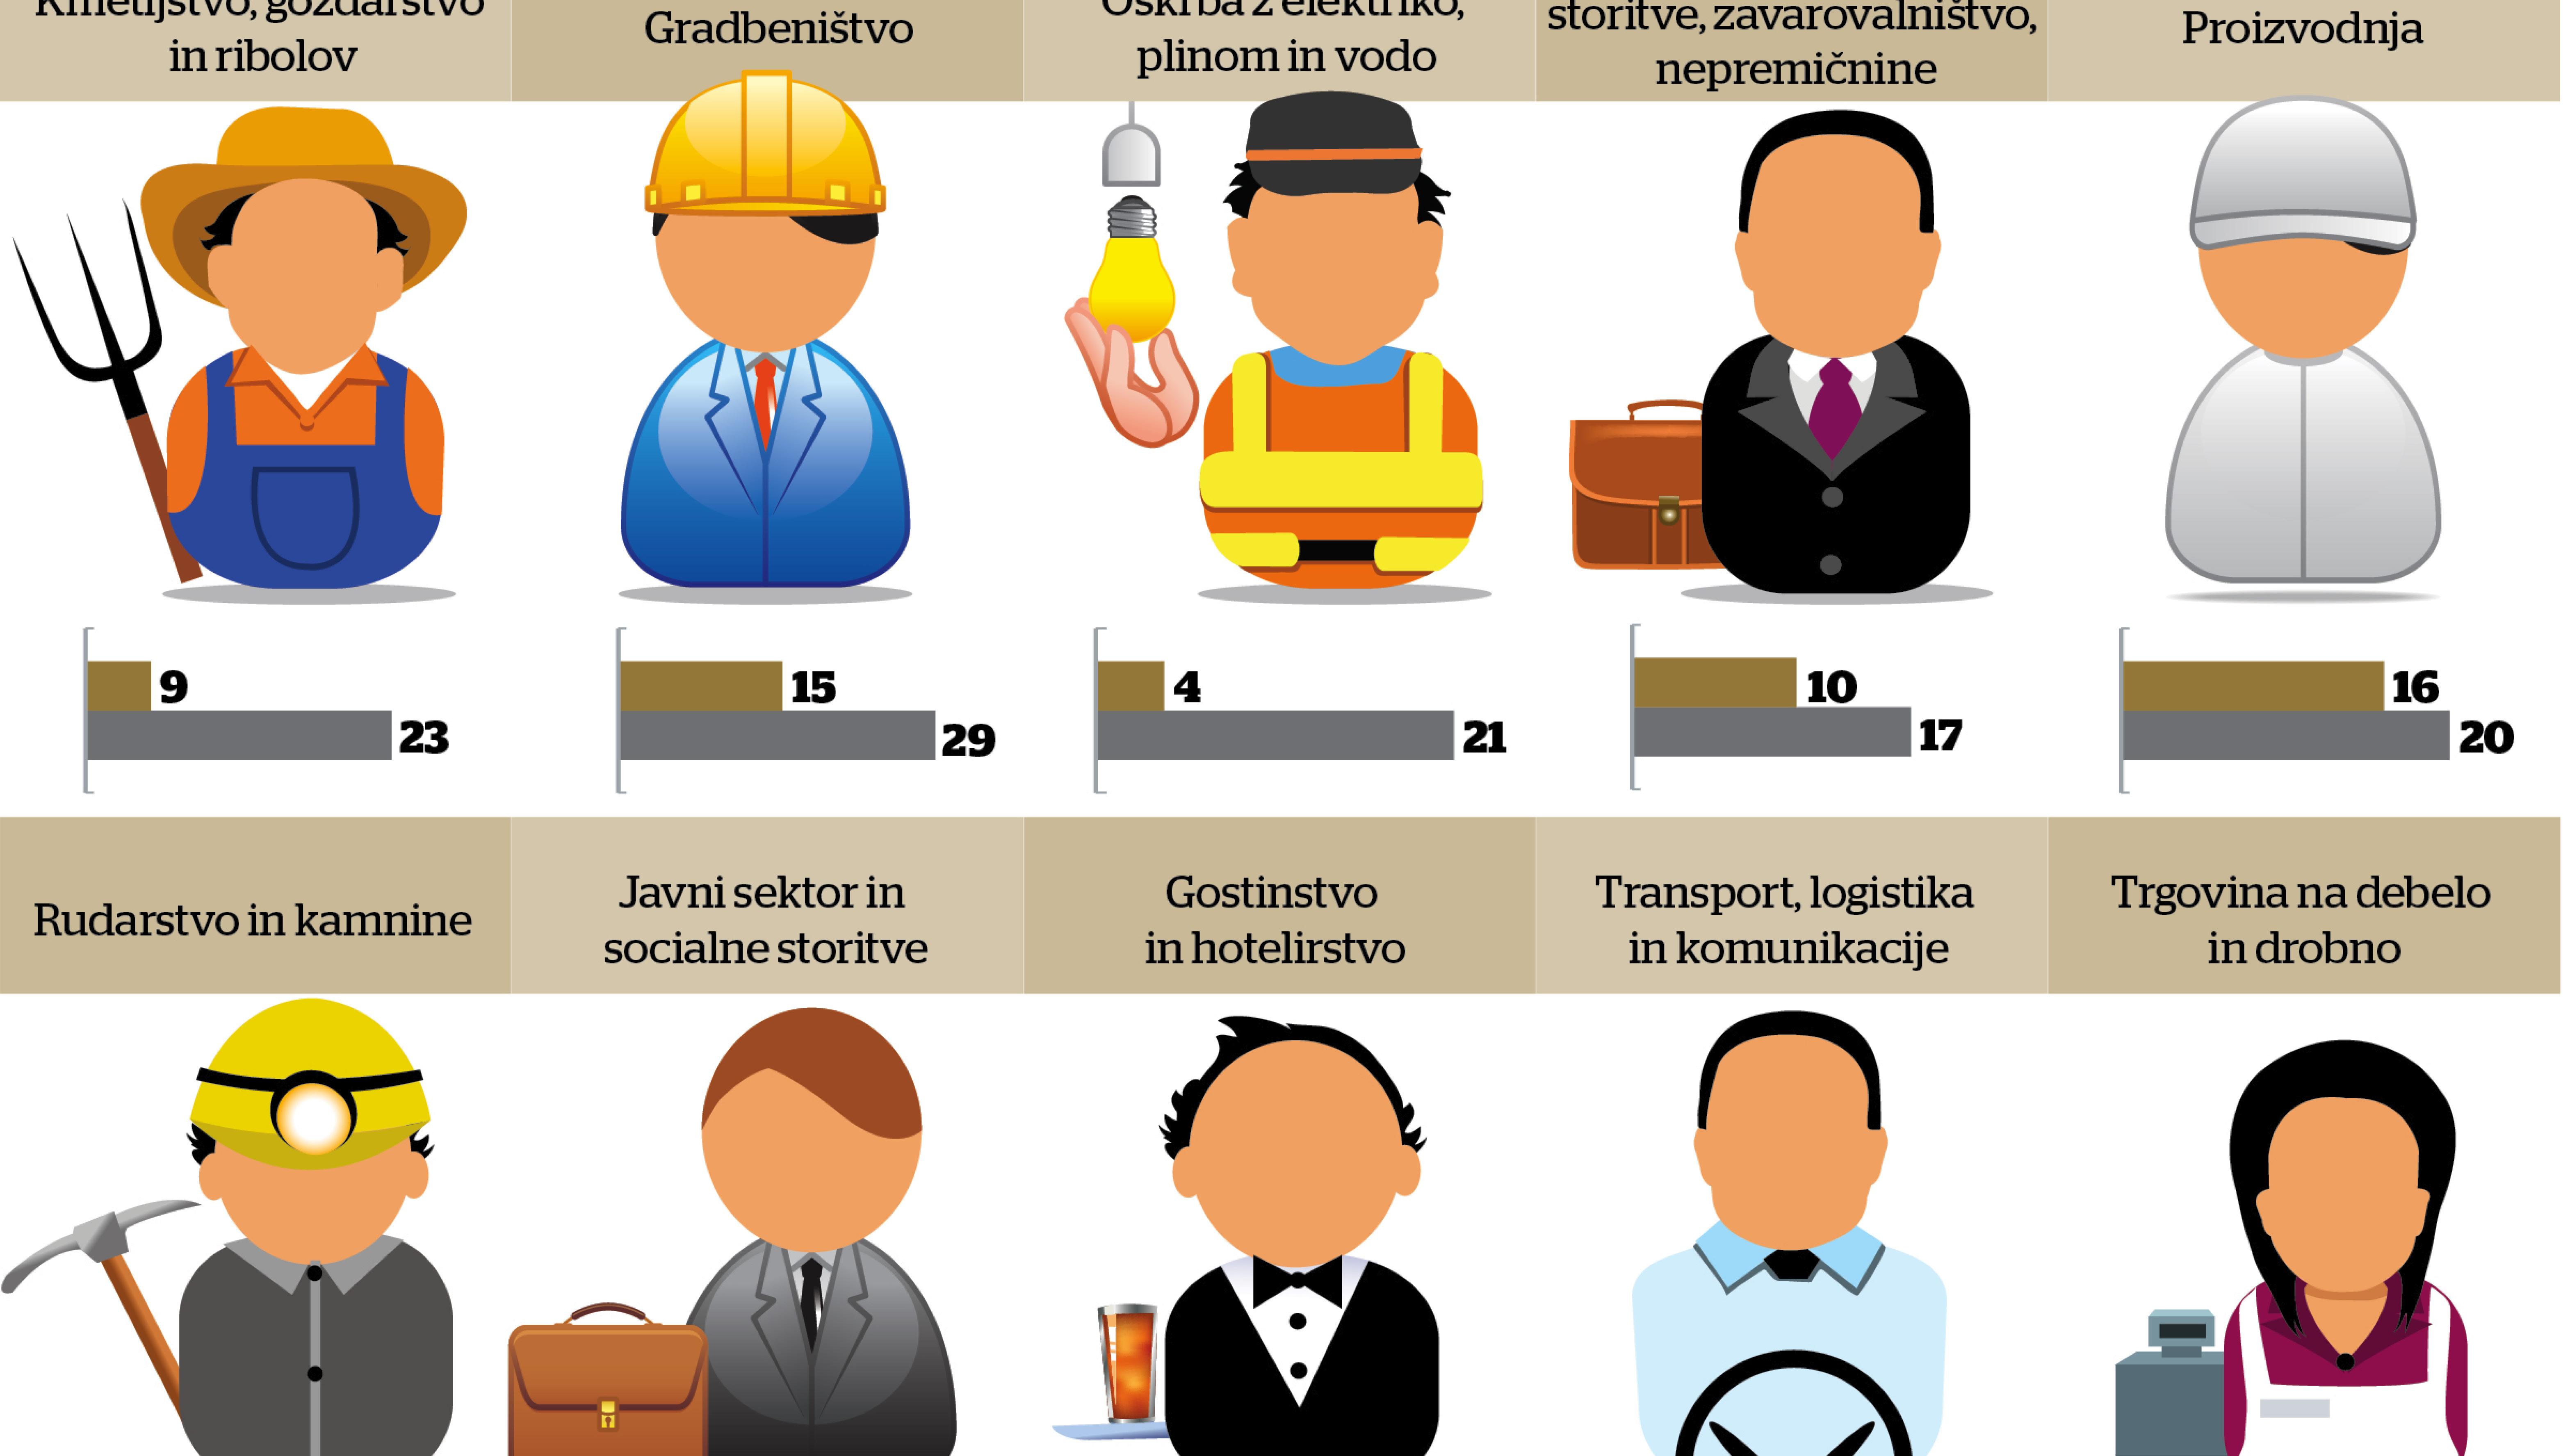 Napovedi: poleti zaposlovanje predvsem v gradbeništvu, kmetijstvu in tudi v energetiki